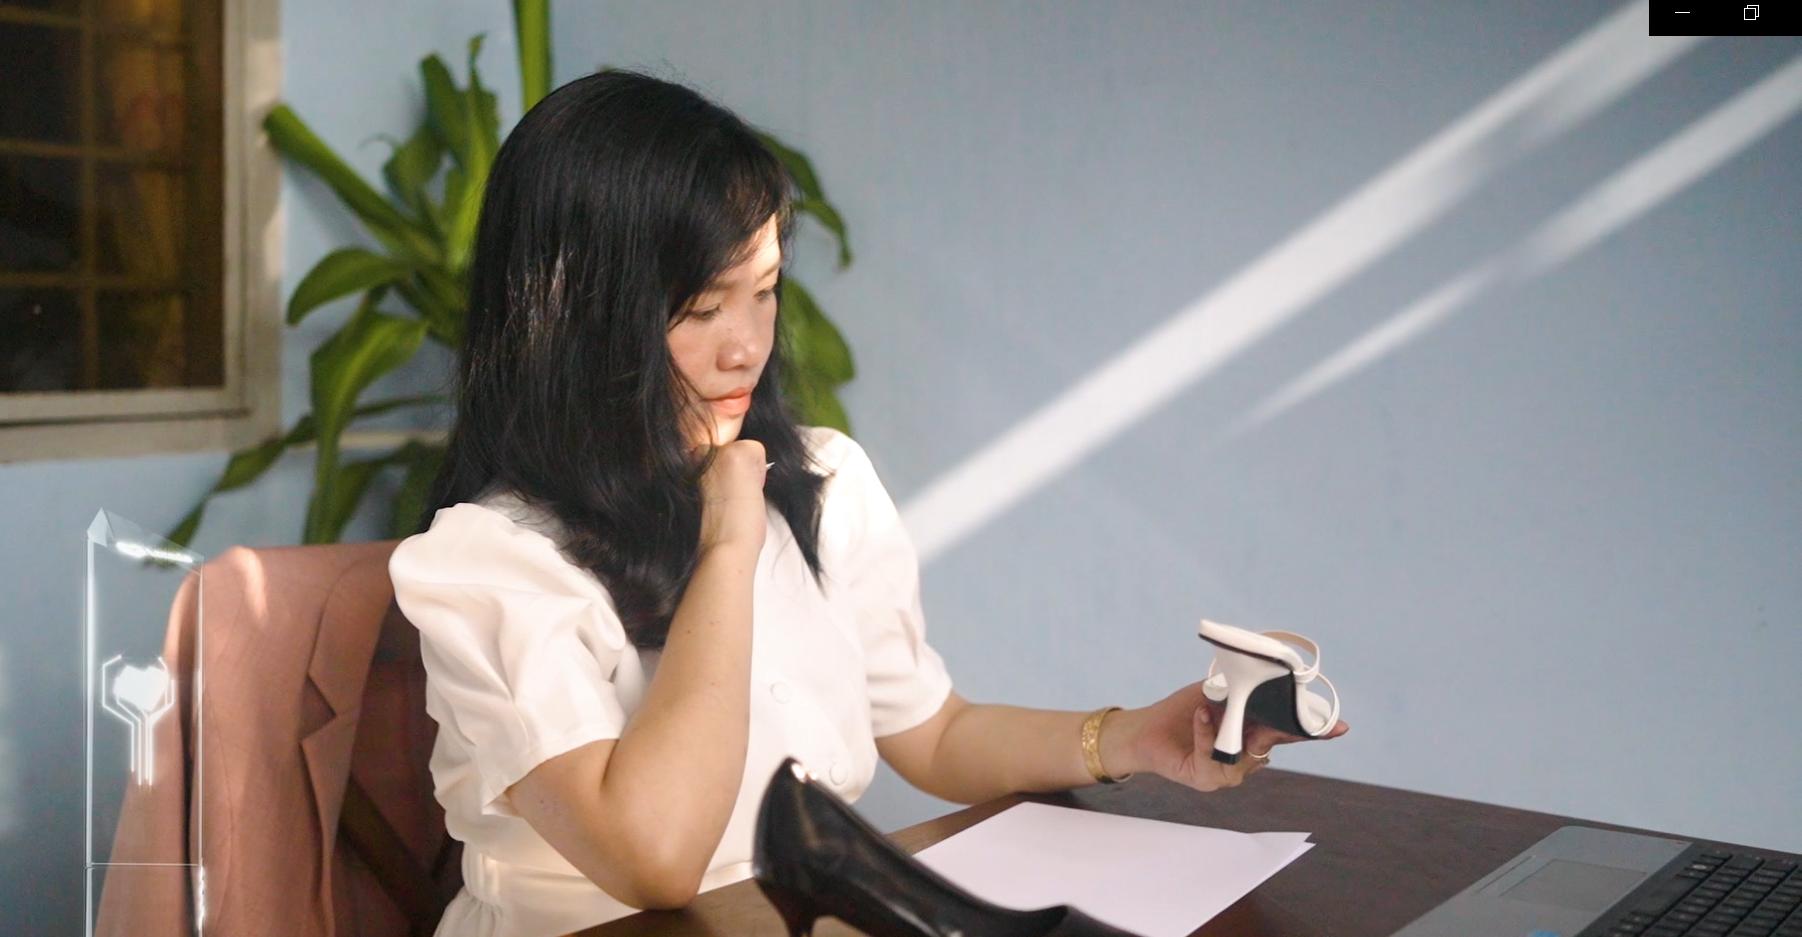 Chị Xuân Hồng xuất sắc trở thành đại diện duy nhất của Lazada Việt Nam được vinh danh trong giải thưởng Những người Phụ nữ Tiên phong (Lazada Forward Women Awards) năm 2021. Ảnh: Lazada Việt Nam.